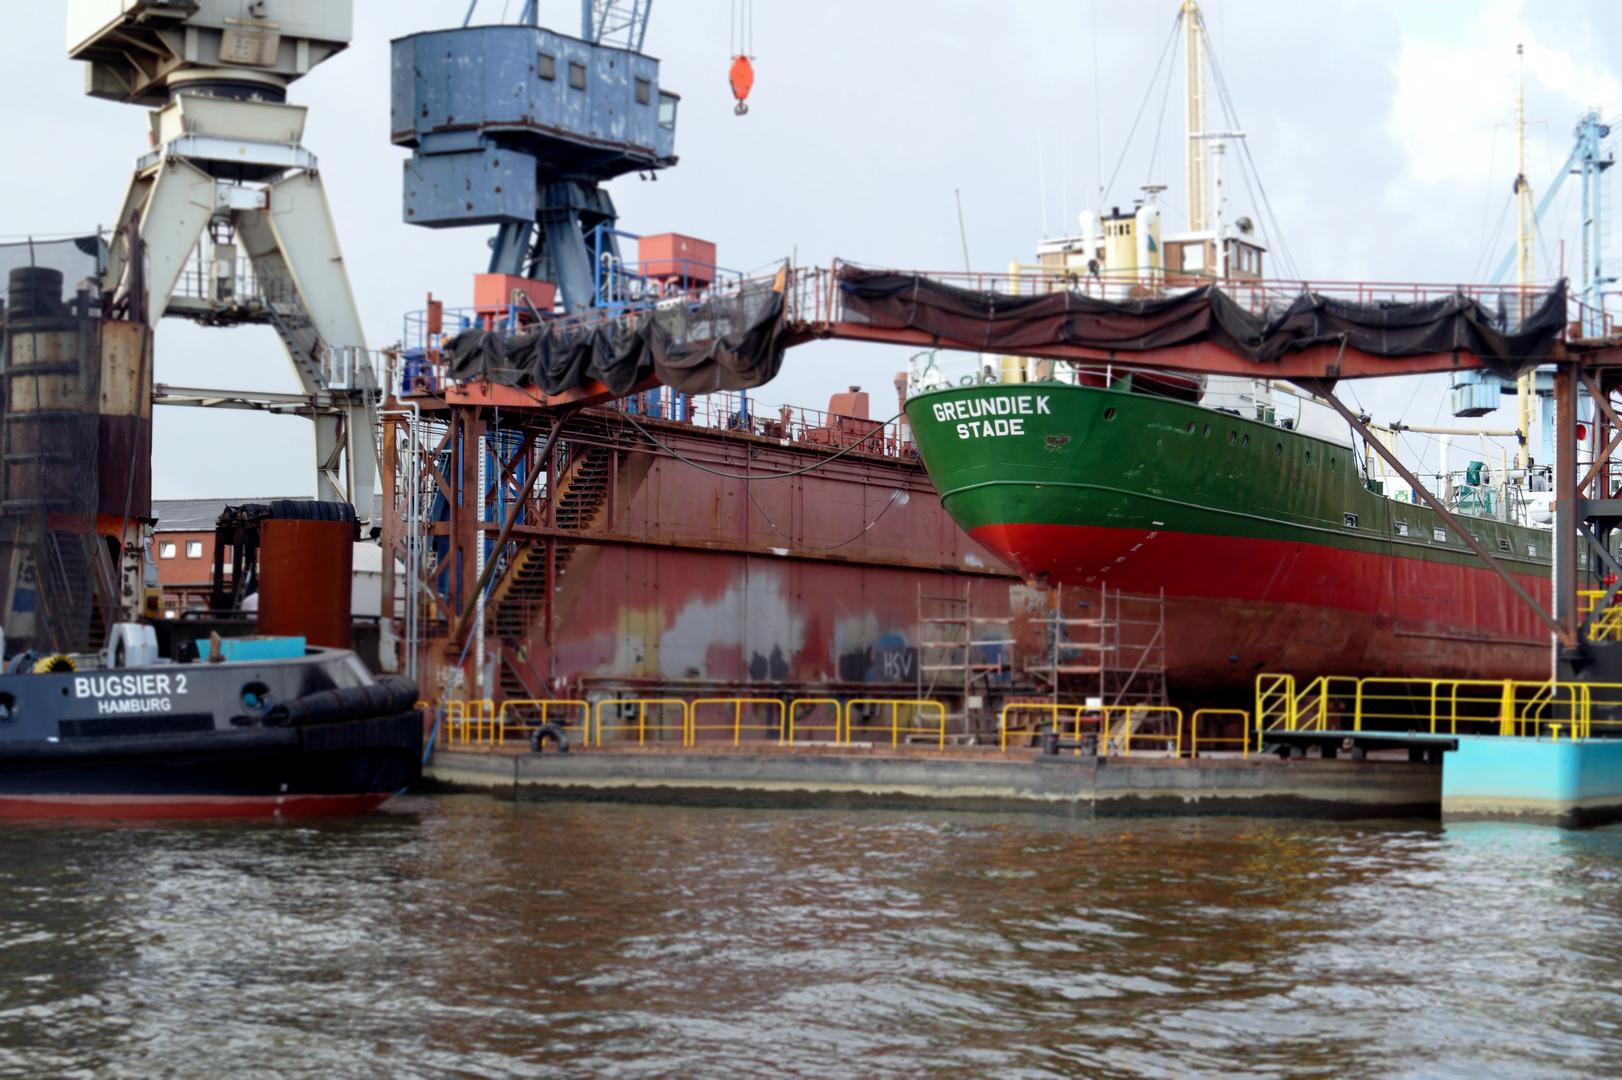 MV Greundiek in der Norderwerft